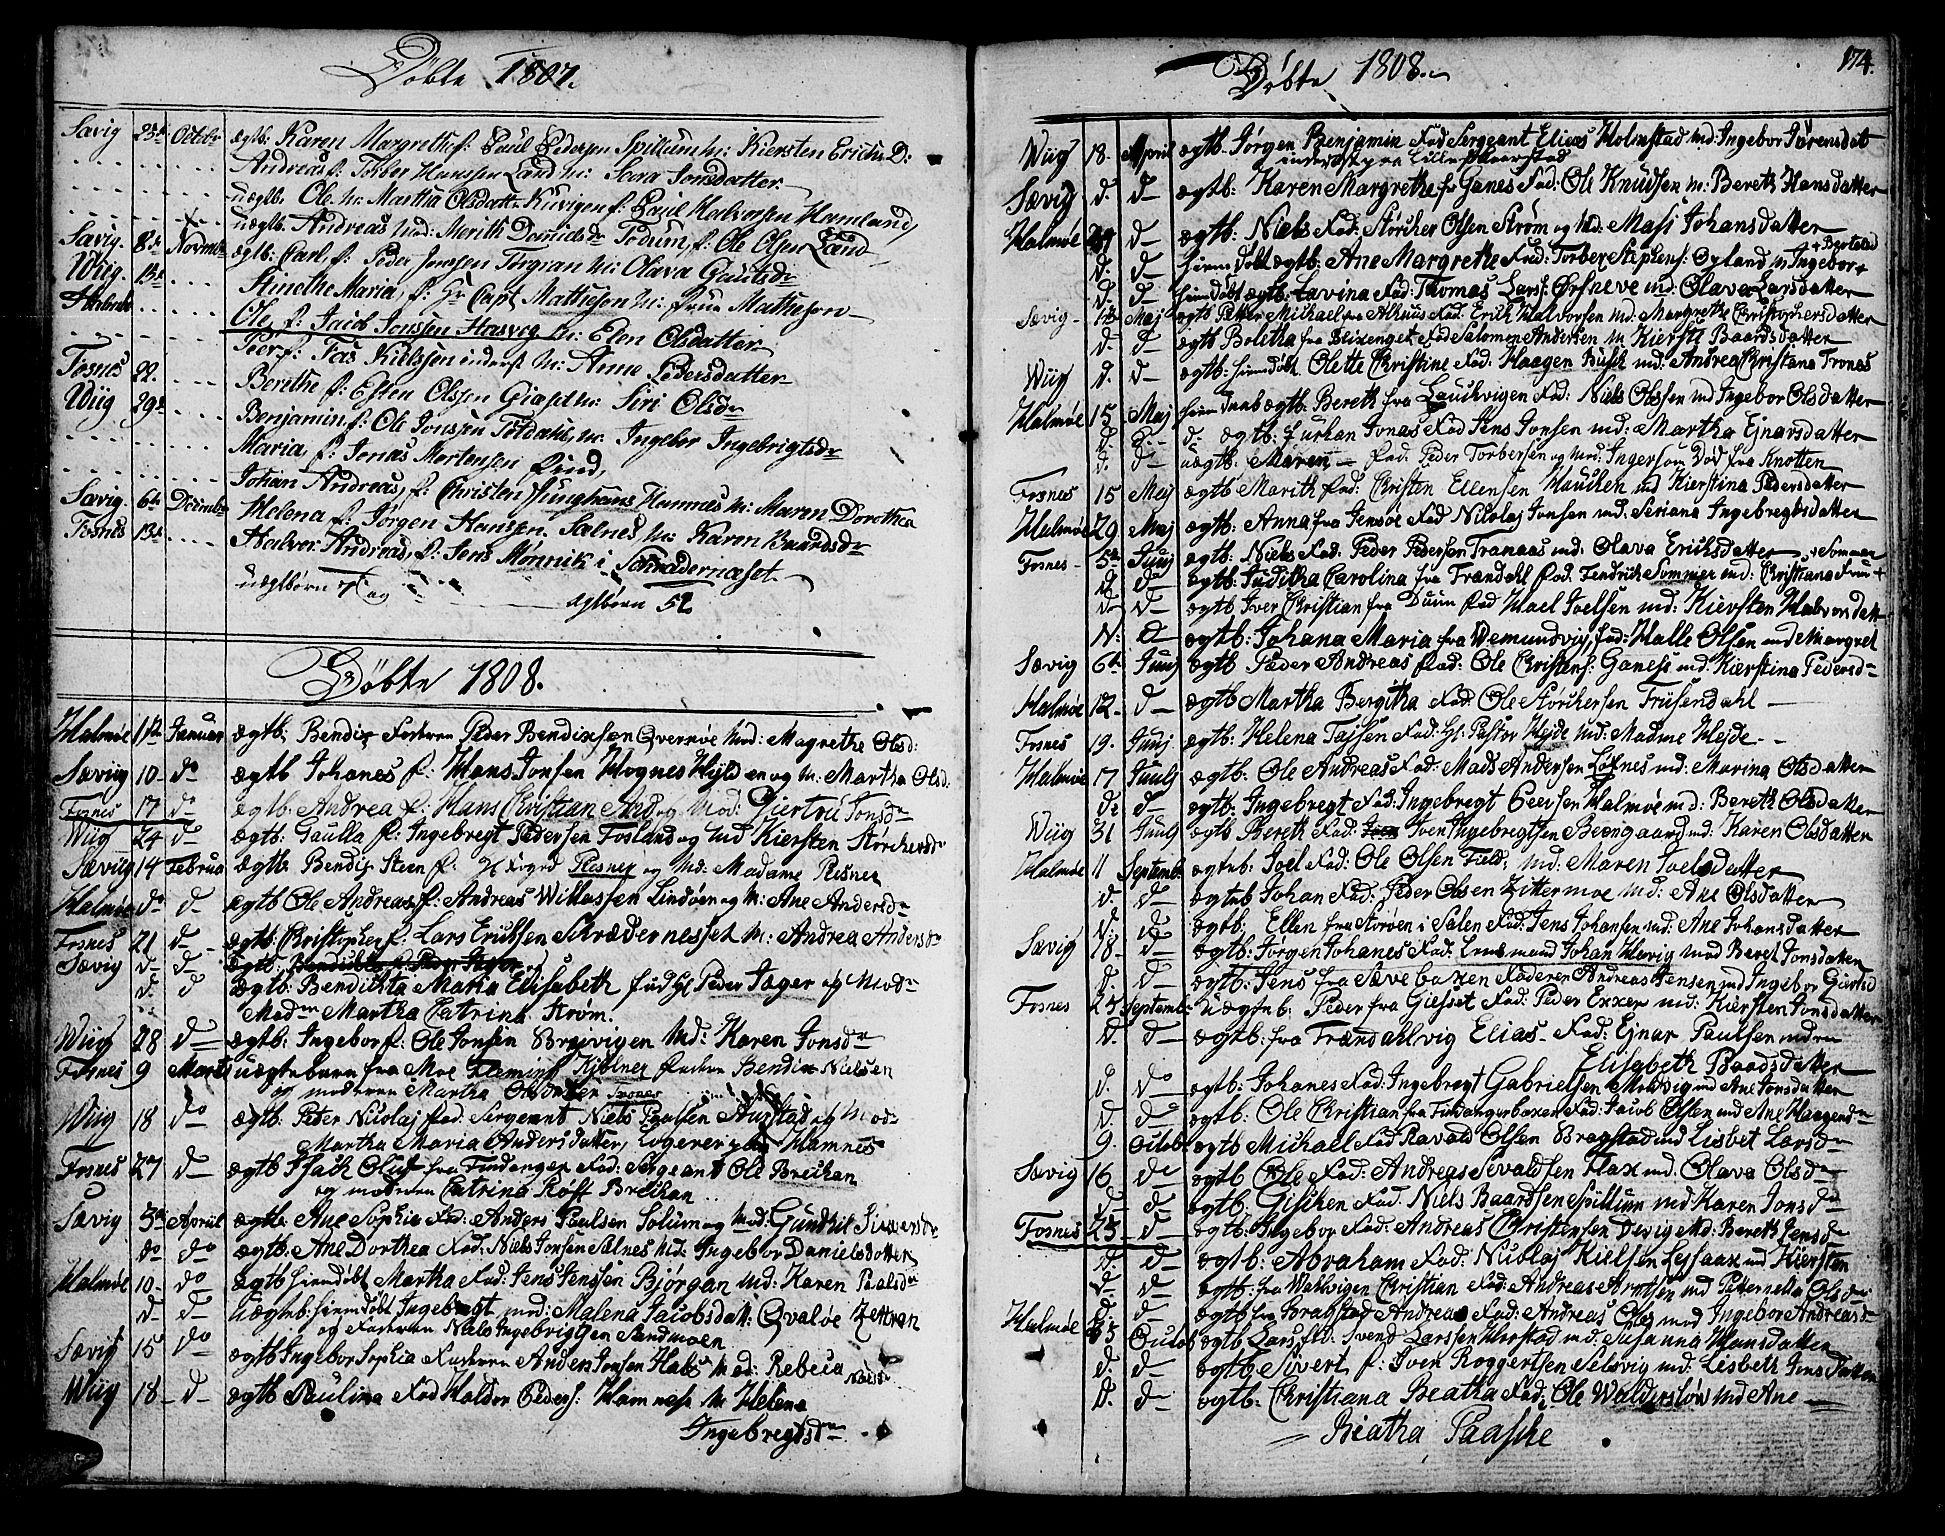 SAT, Ministerialprotokoller, klokkerbøker og fødselsregistre - Nord-Trøndelag, 773/L0608: Ministerialbok nr. 773A02, 1784-1816, s. 174